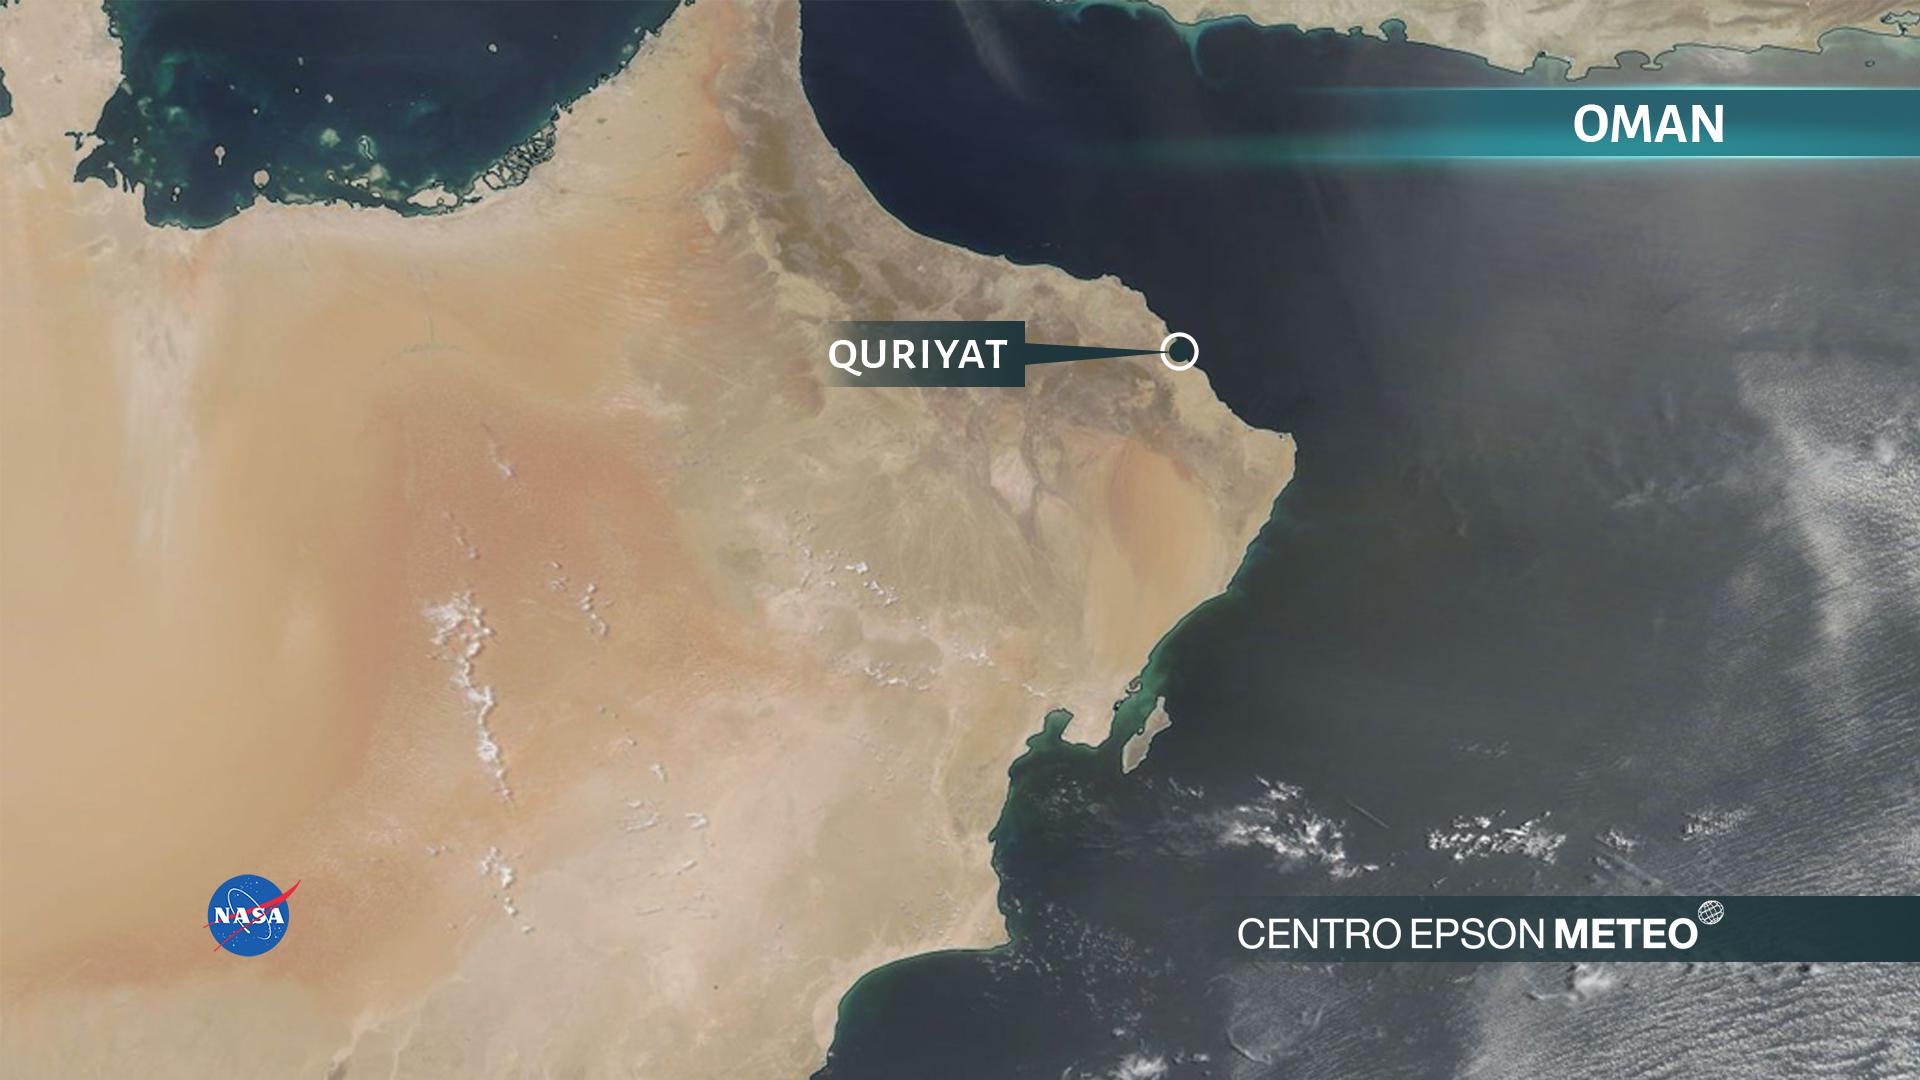 Caldo record in Oman: in 24 ore il termometro non è mai sceso sotto i 42.6 gradi